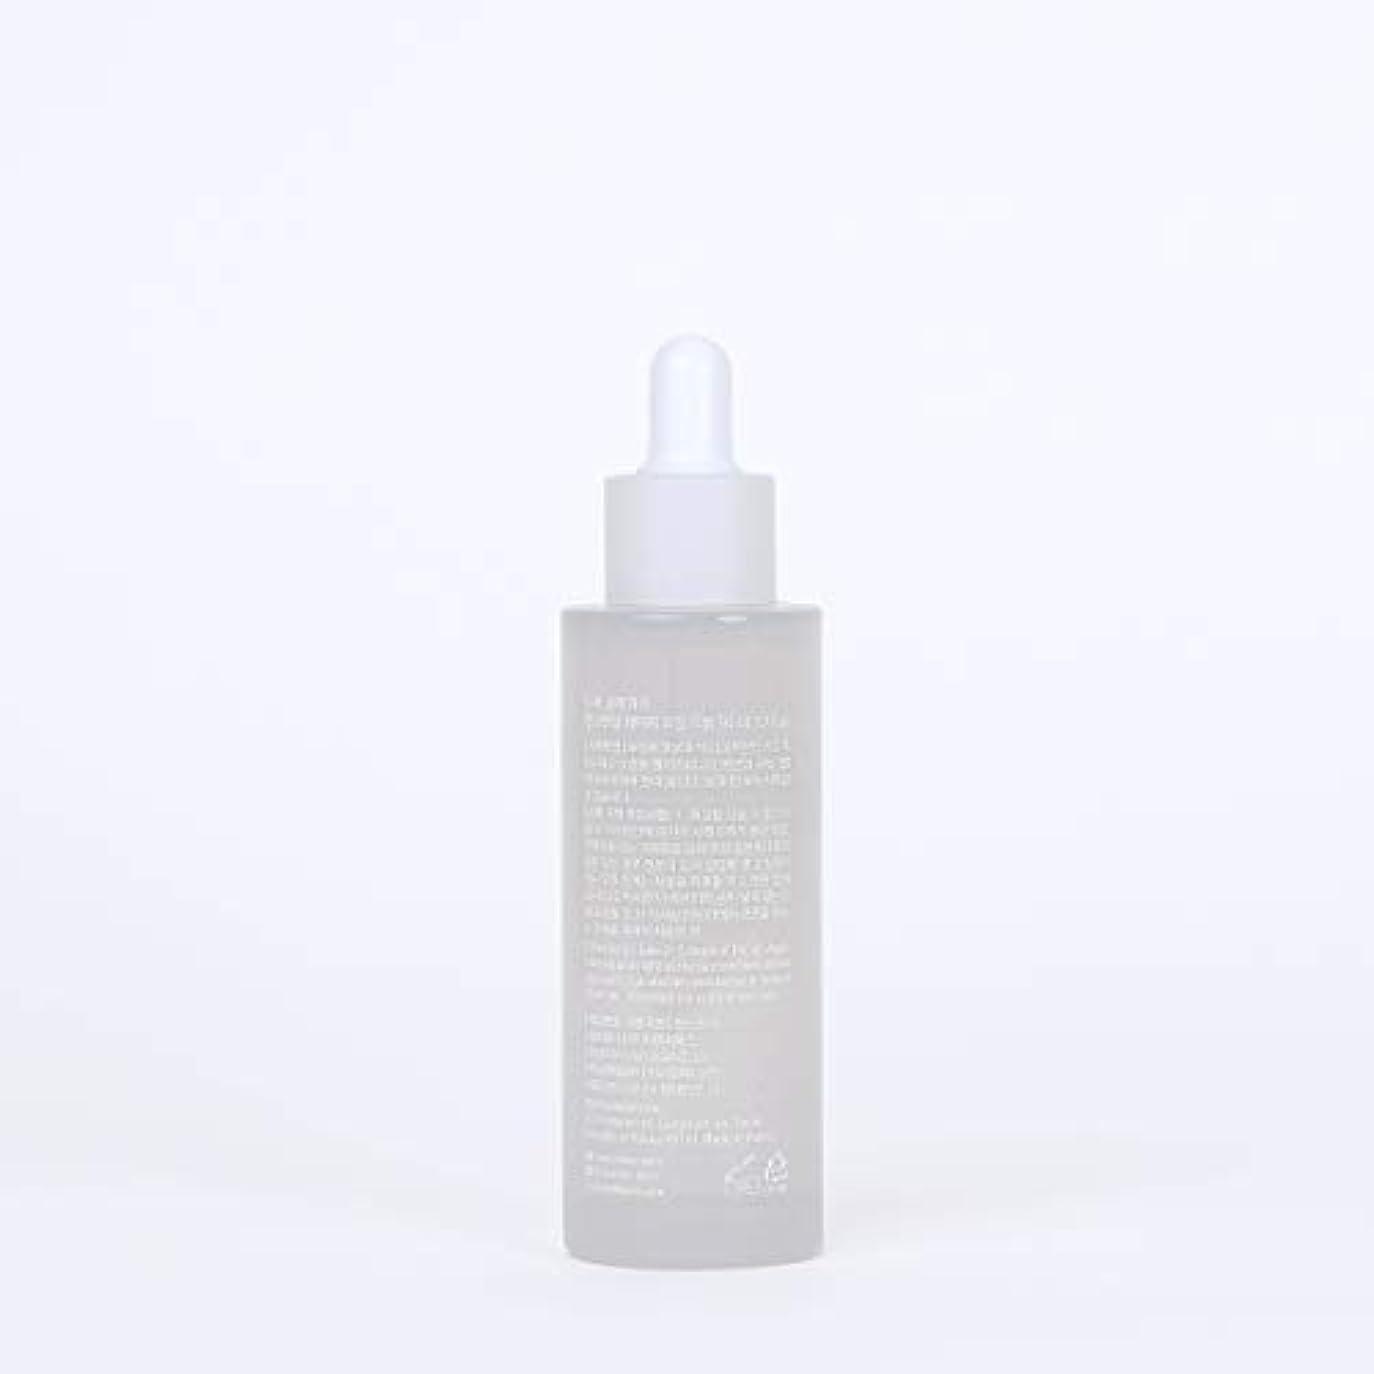 フィット華氏許可【クレアス(Klairs)】ファンダメンタルウォーターリーオイルドロップ, Fundamental Watery Oil Drop, 50ml, [並行輸入品]